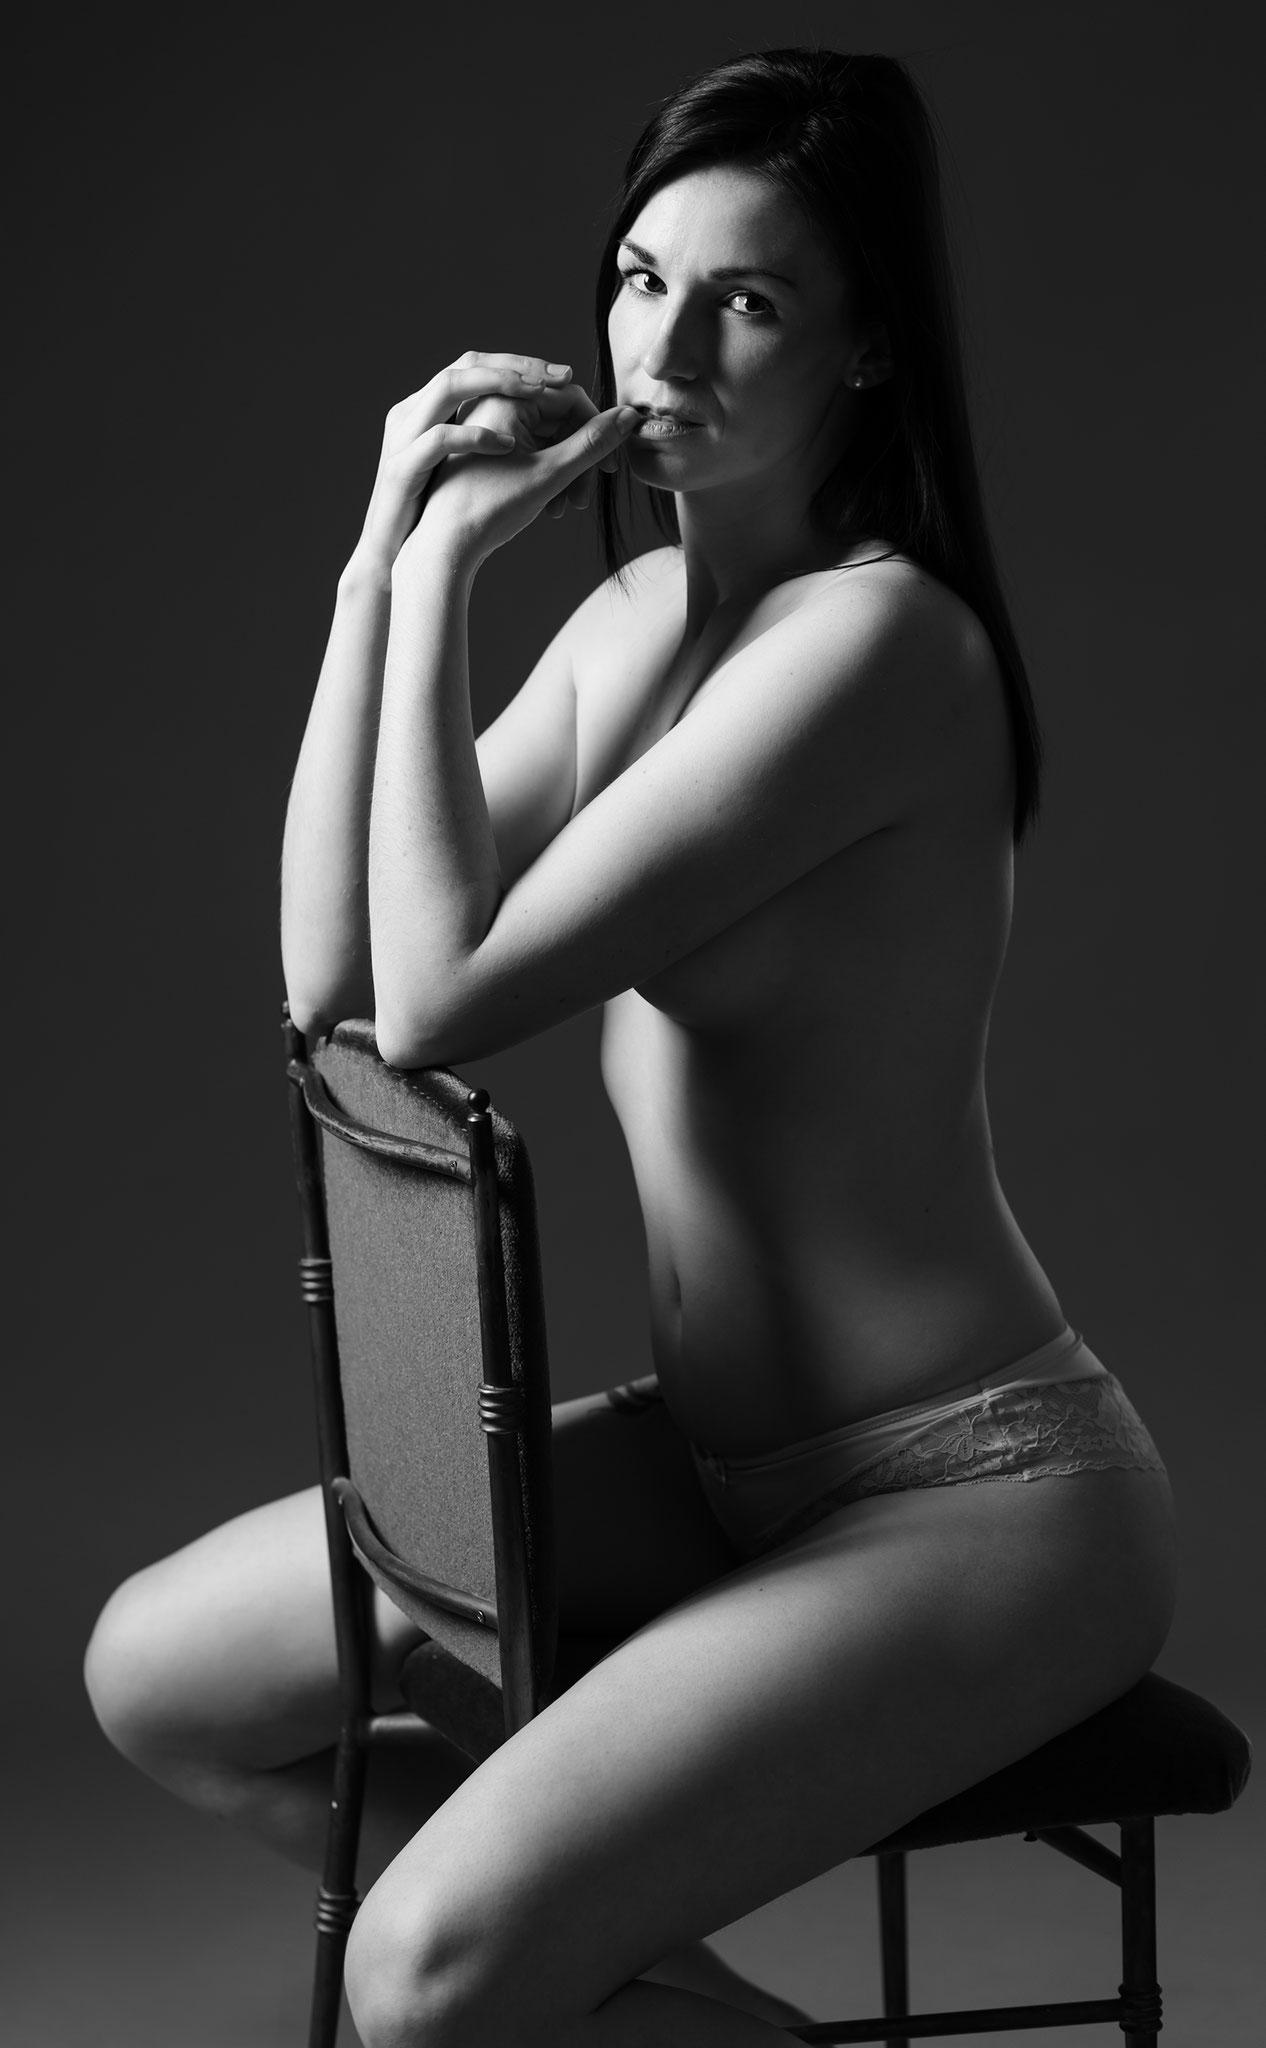 Sexy Fotos im Fotostudio beim Boudoir Shooting in sinnlichen Dessous - Boudoir und Erotik Shootings